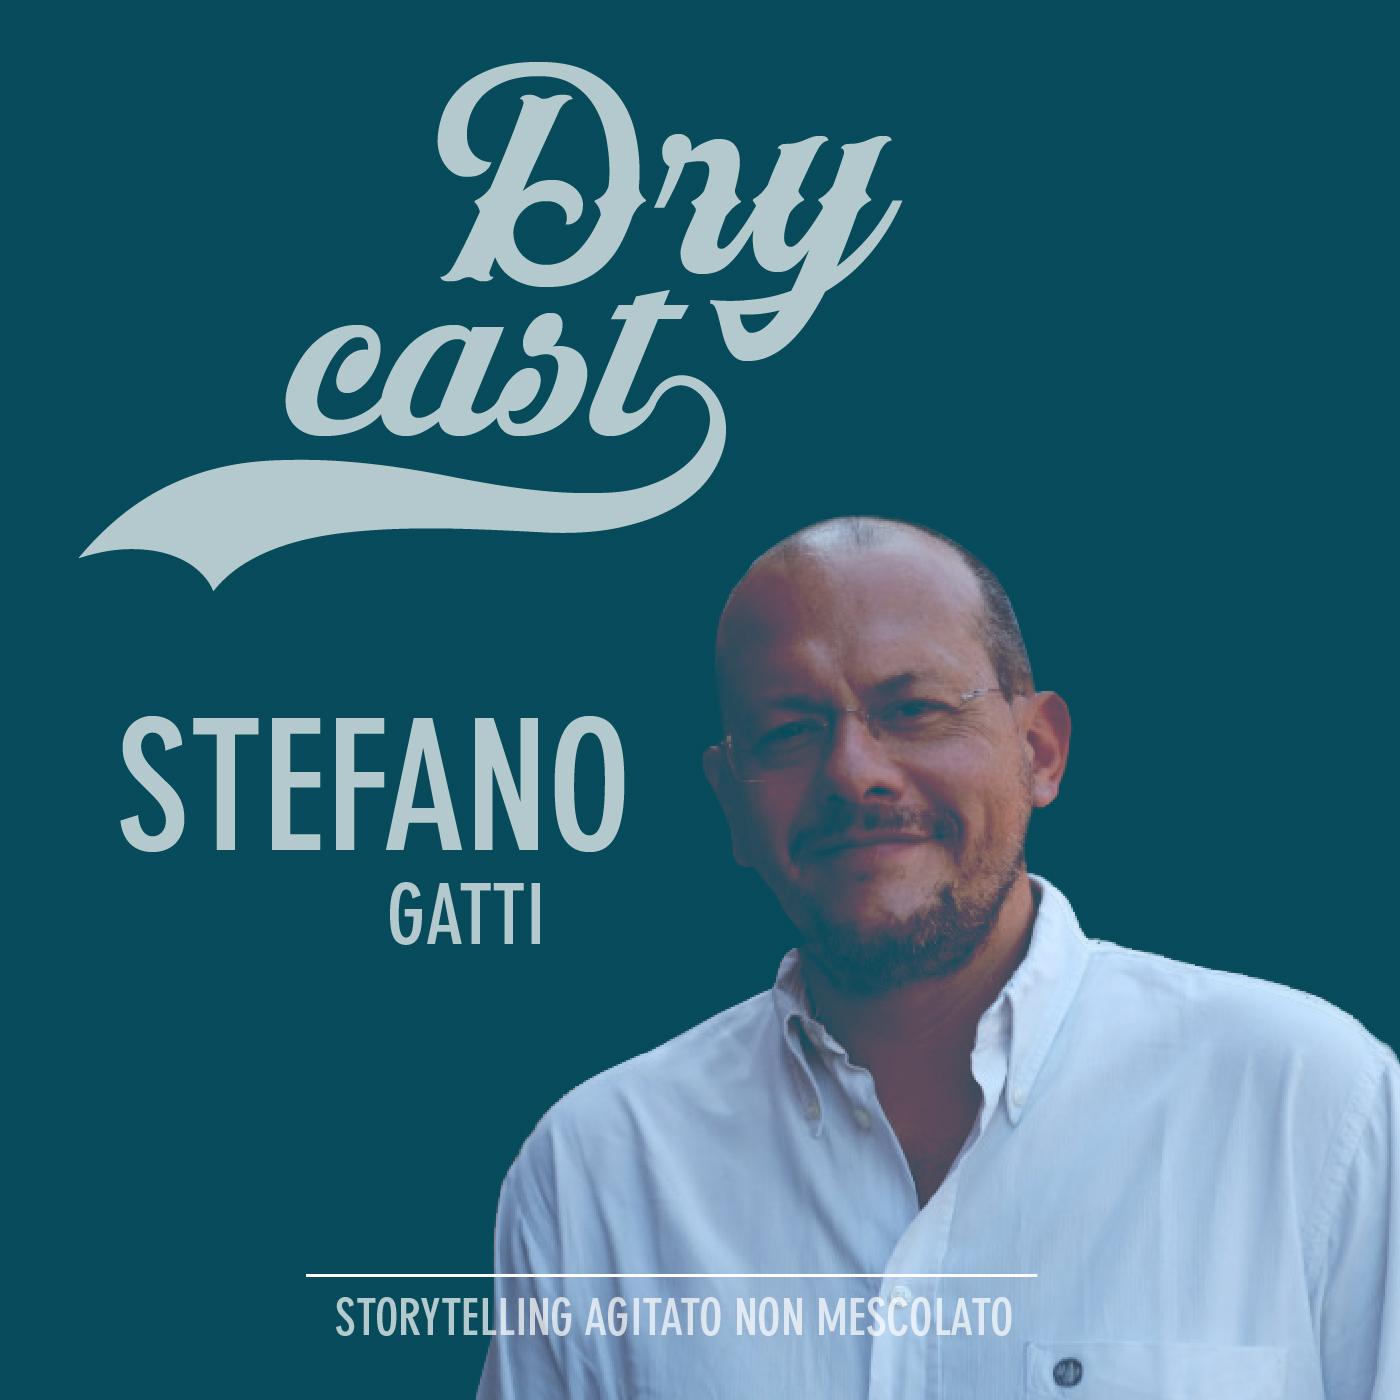 18 - Stefano Gatti